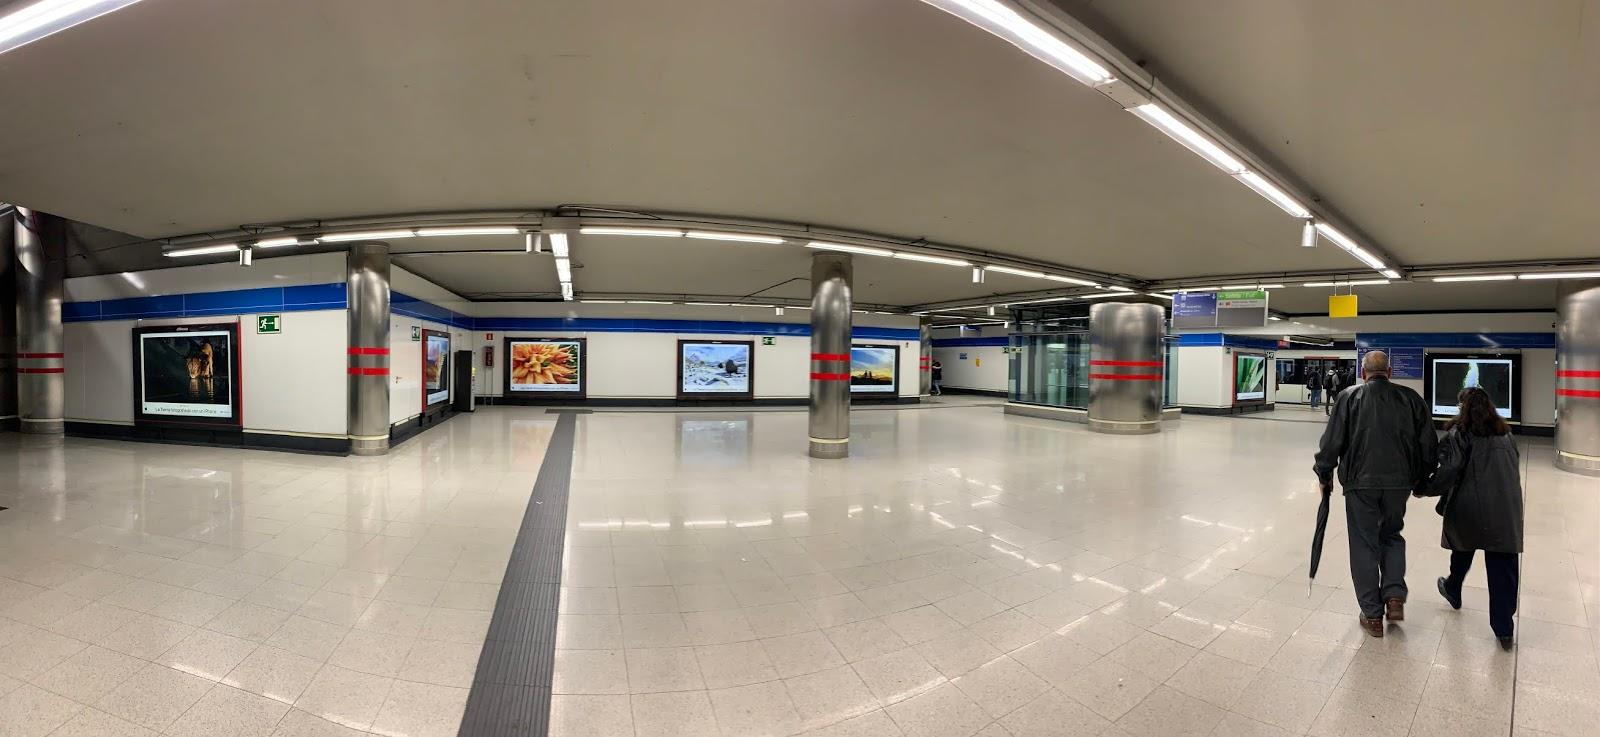 2878ee8fa De nuevo Apple saca pecho de la cámara de sus terminales para lazar esta  campaña con imágenes de paisajes de todo el planeta a modo de exposición.